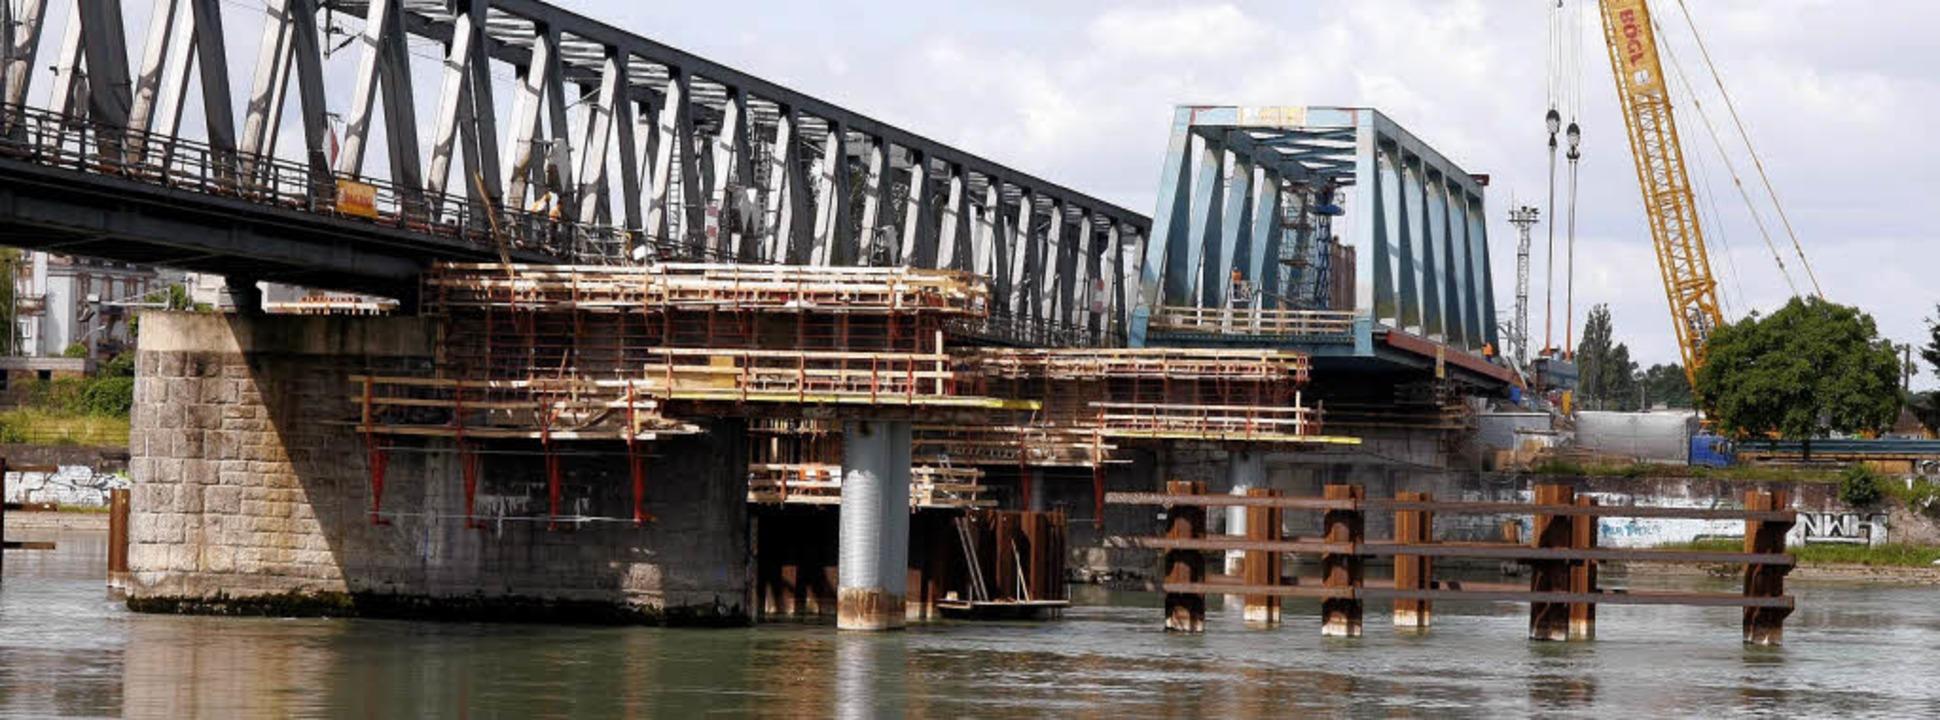 Stück für Stück wird die neue Eisenbahnbrücke über dem Rhein vorangetrieben.     Foto: Peter Heck